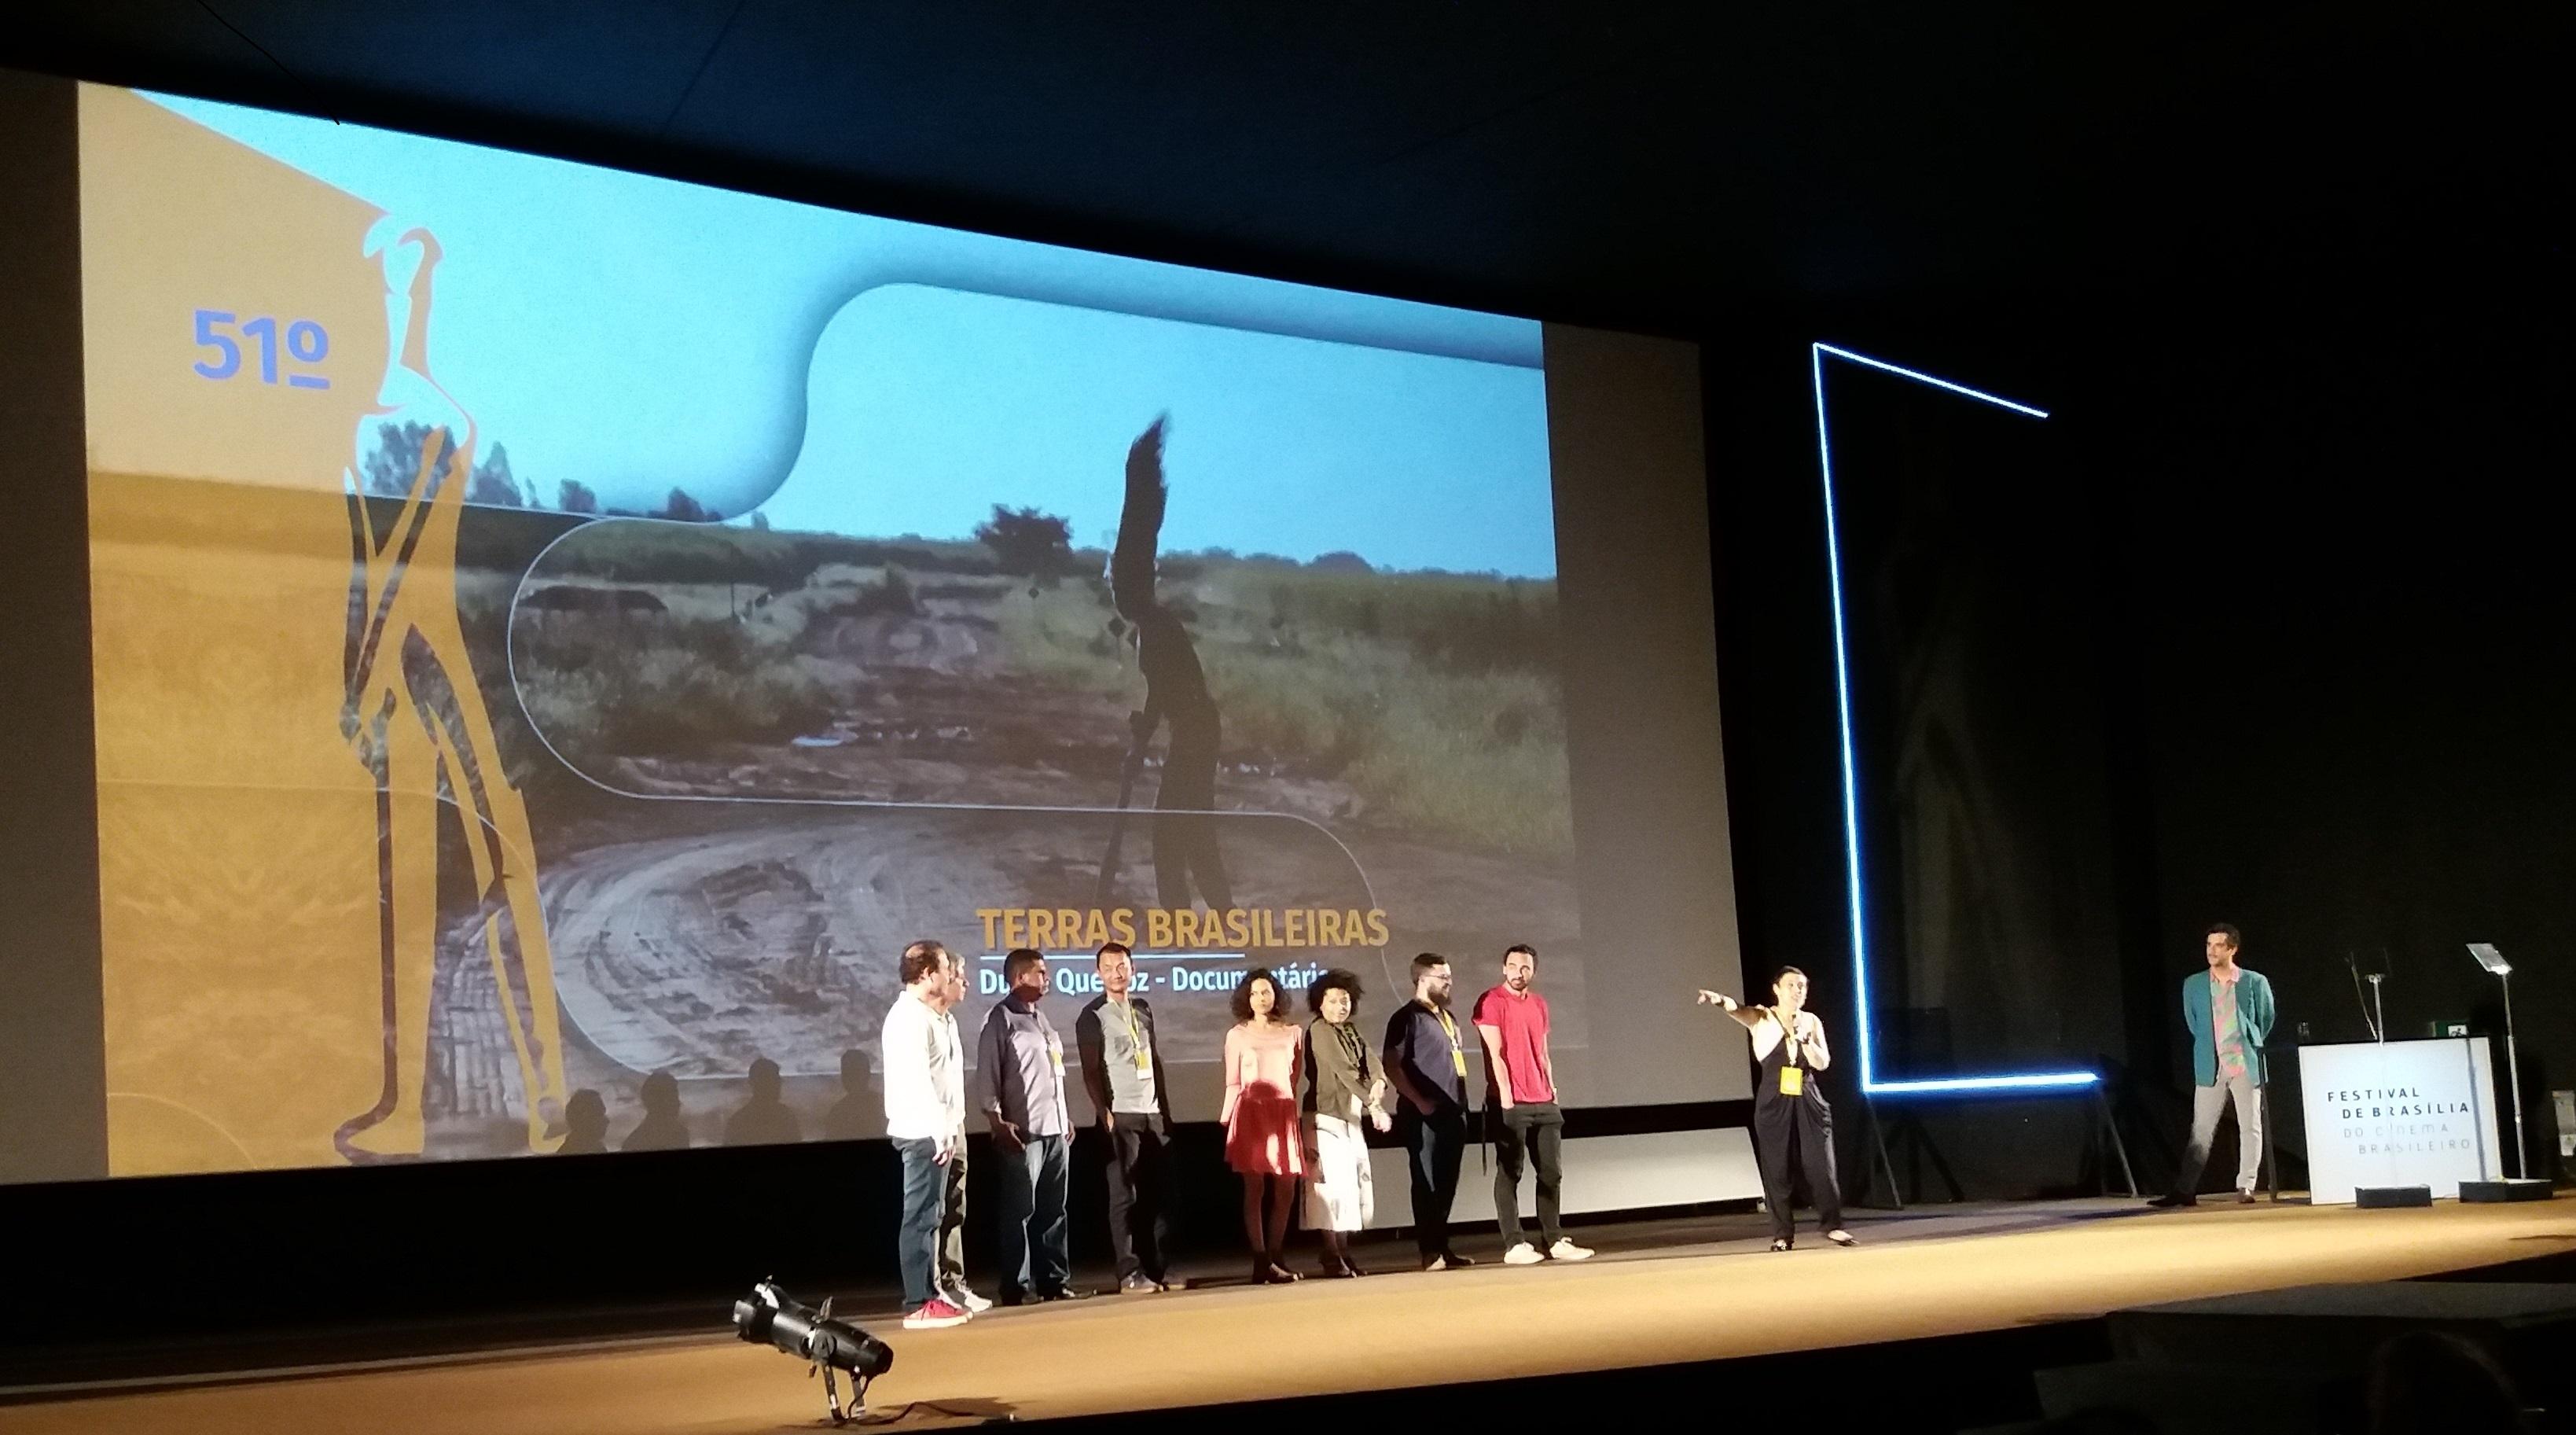 Cultura - geral - equipe filme Terras Brasileiras TV Câmara no Festival de Cinema de Brasília